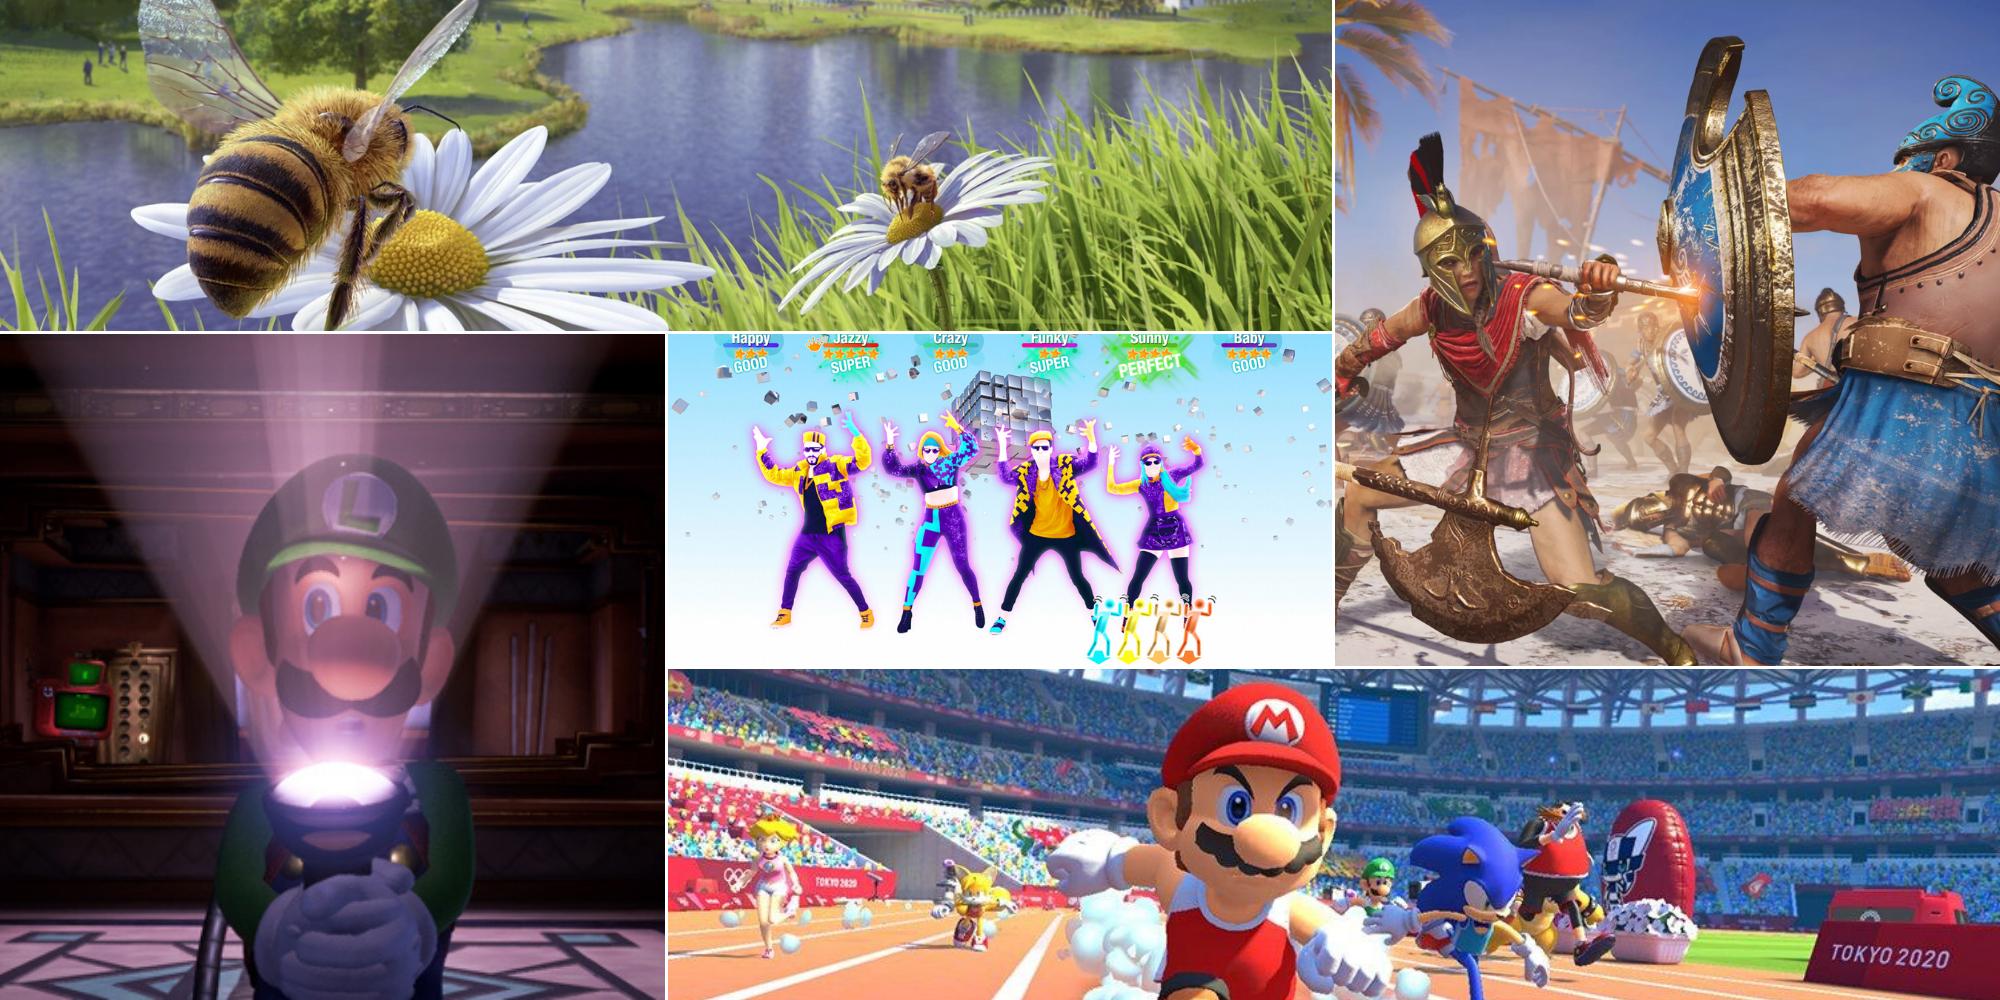 Cinq Jeux Vidéo Pour Jouer En Famille Pendant Le Confinement encequiconcerne Jeux Flash Enfant